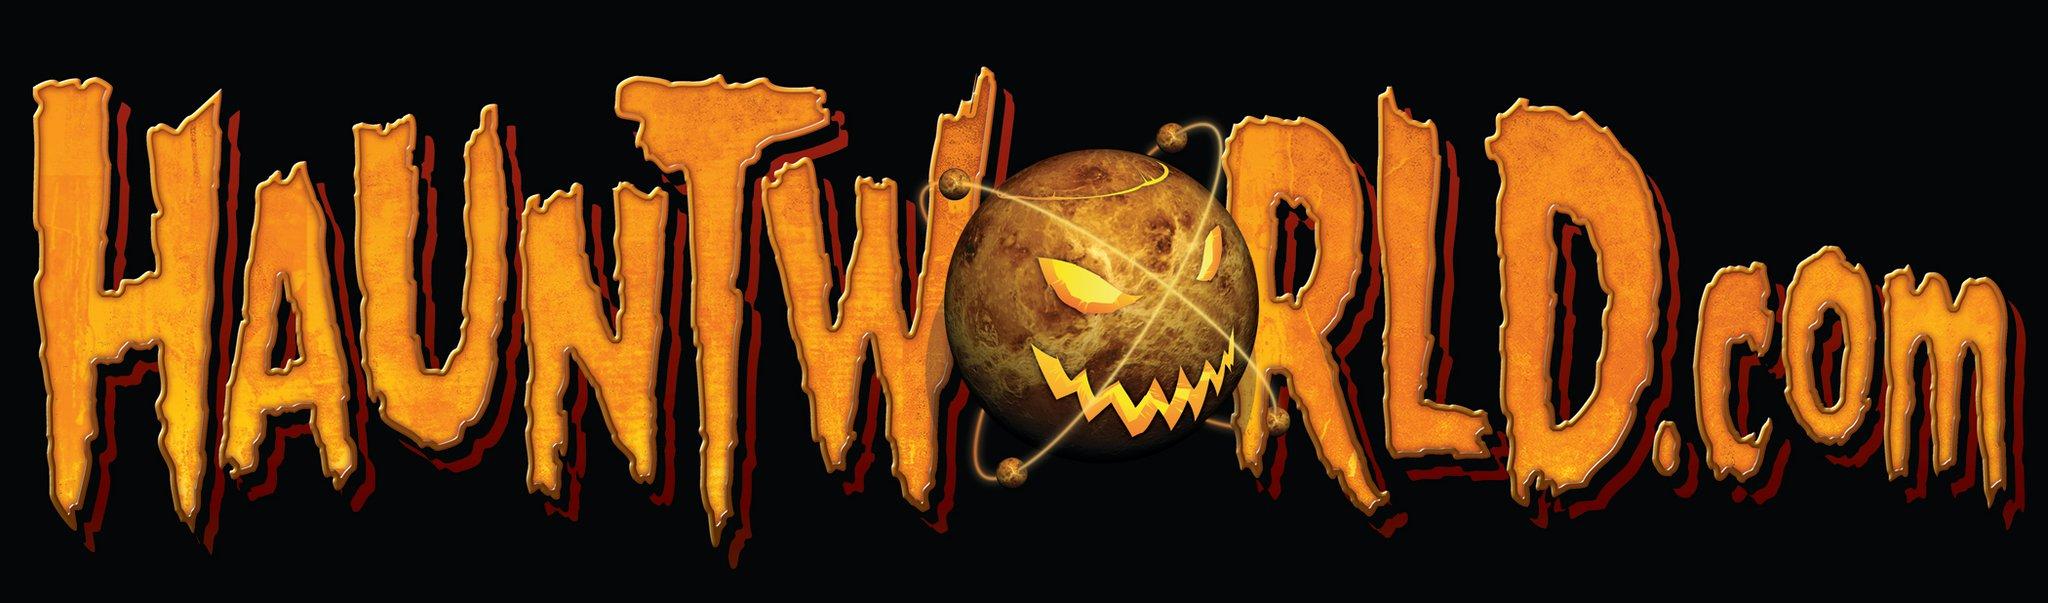 Hauntworld.com logo